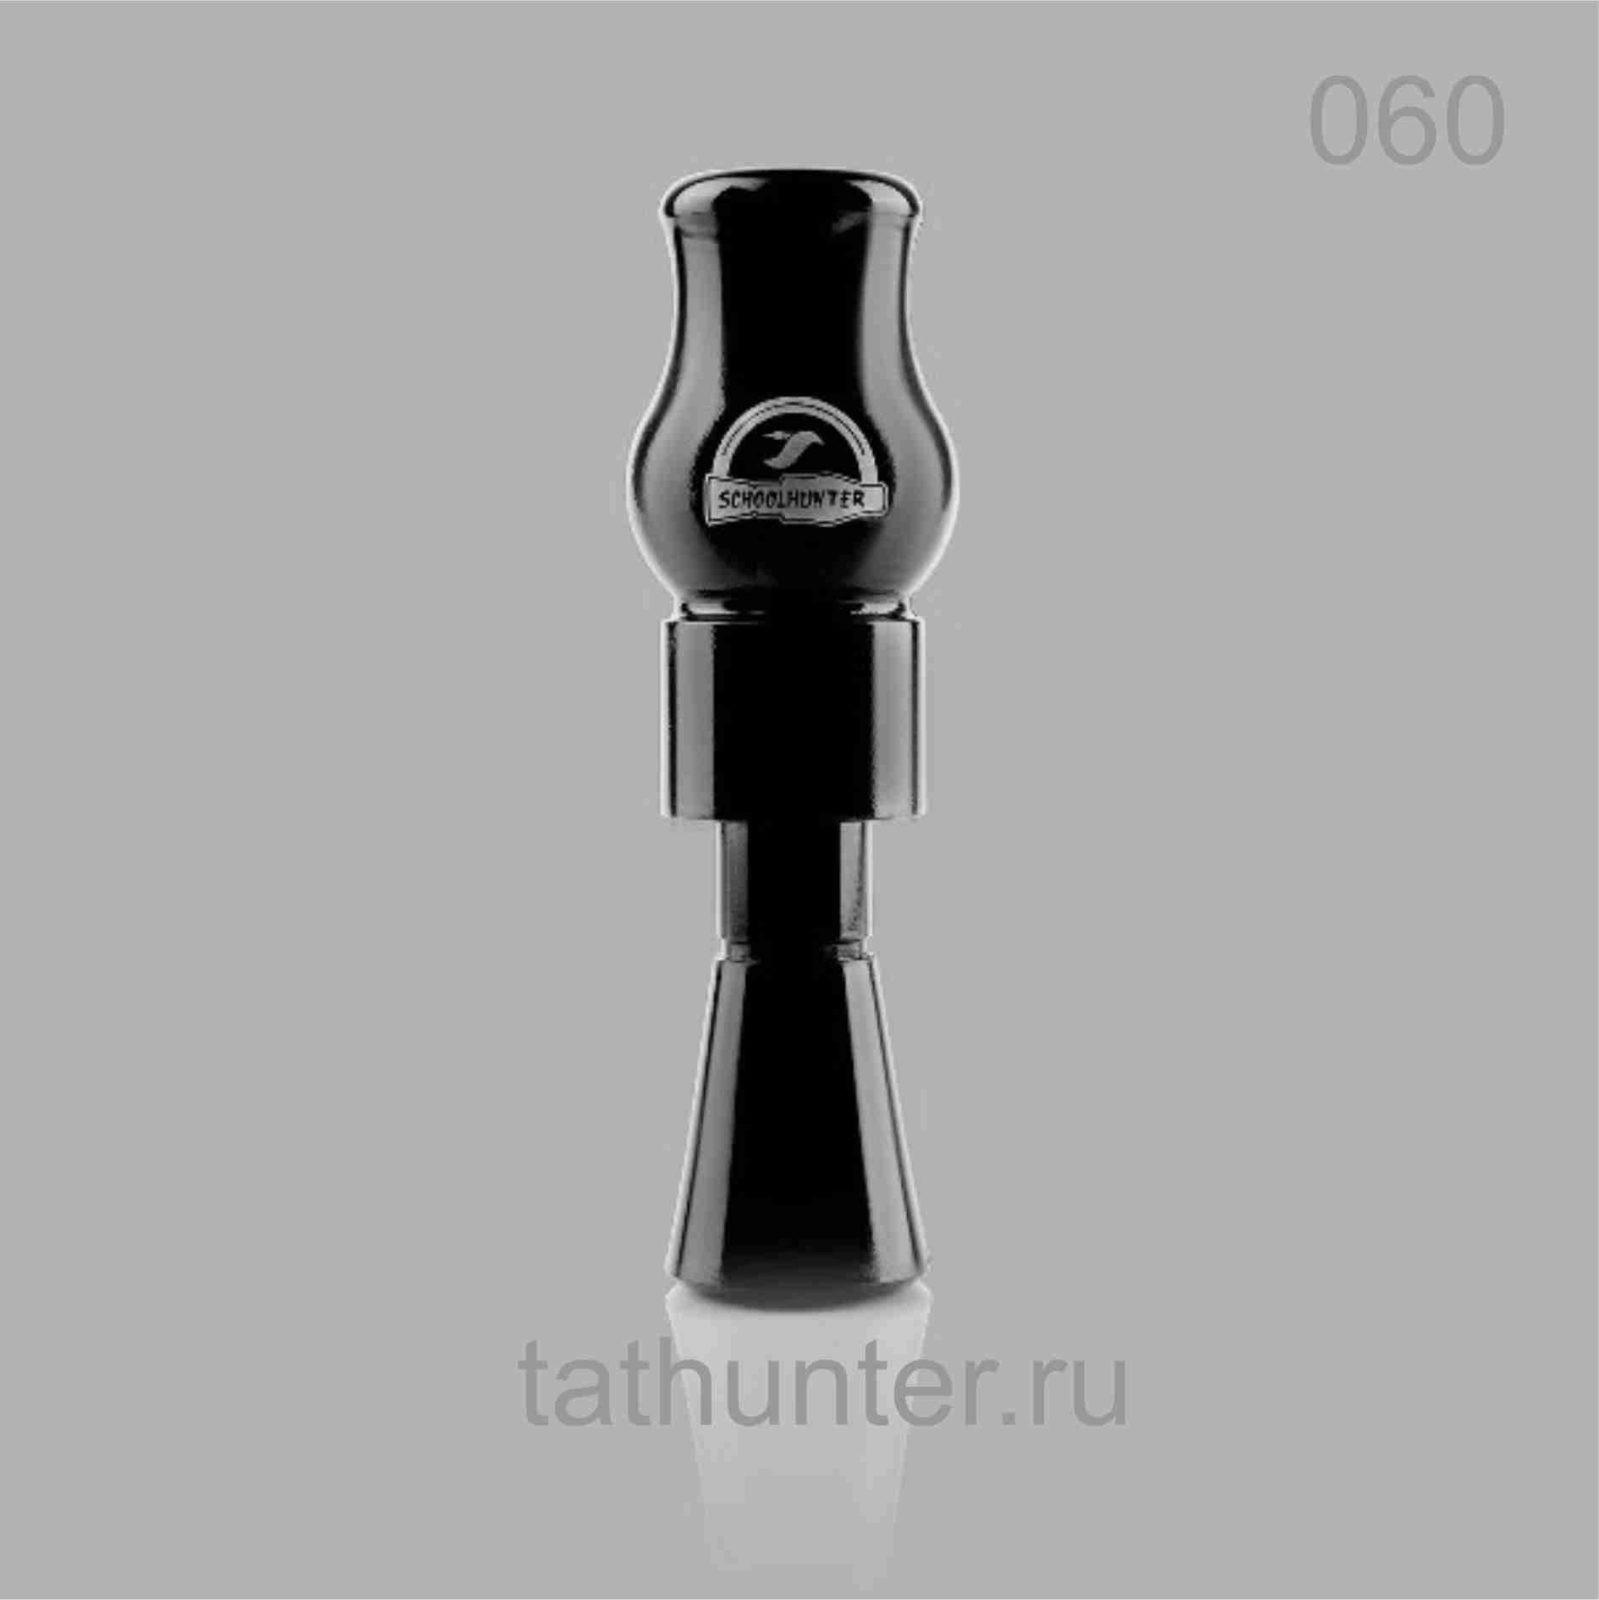 Манок одноязычковый на утку серия Hunter цвет 060